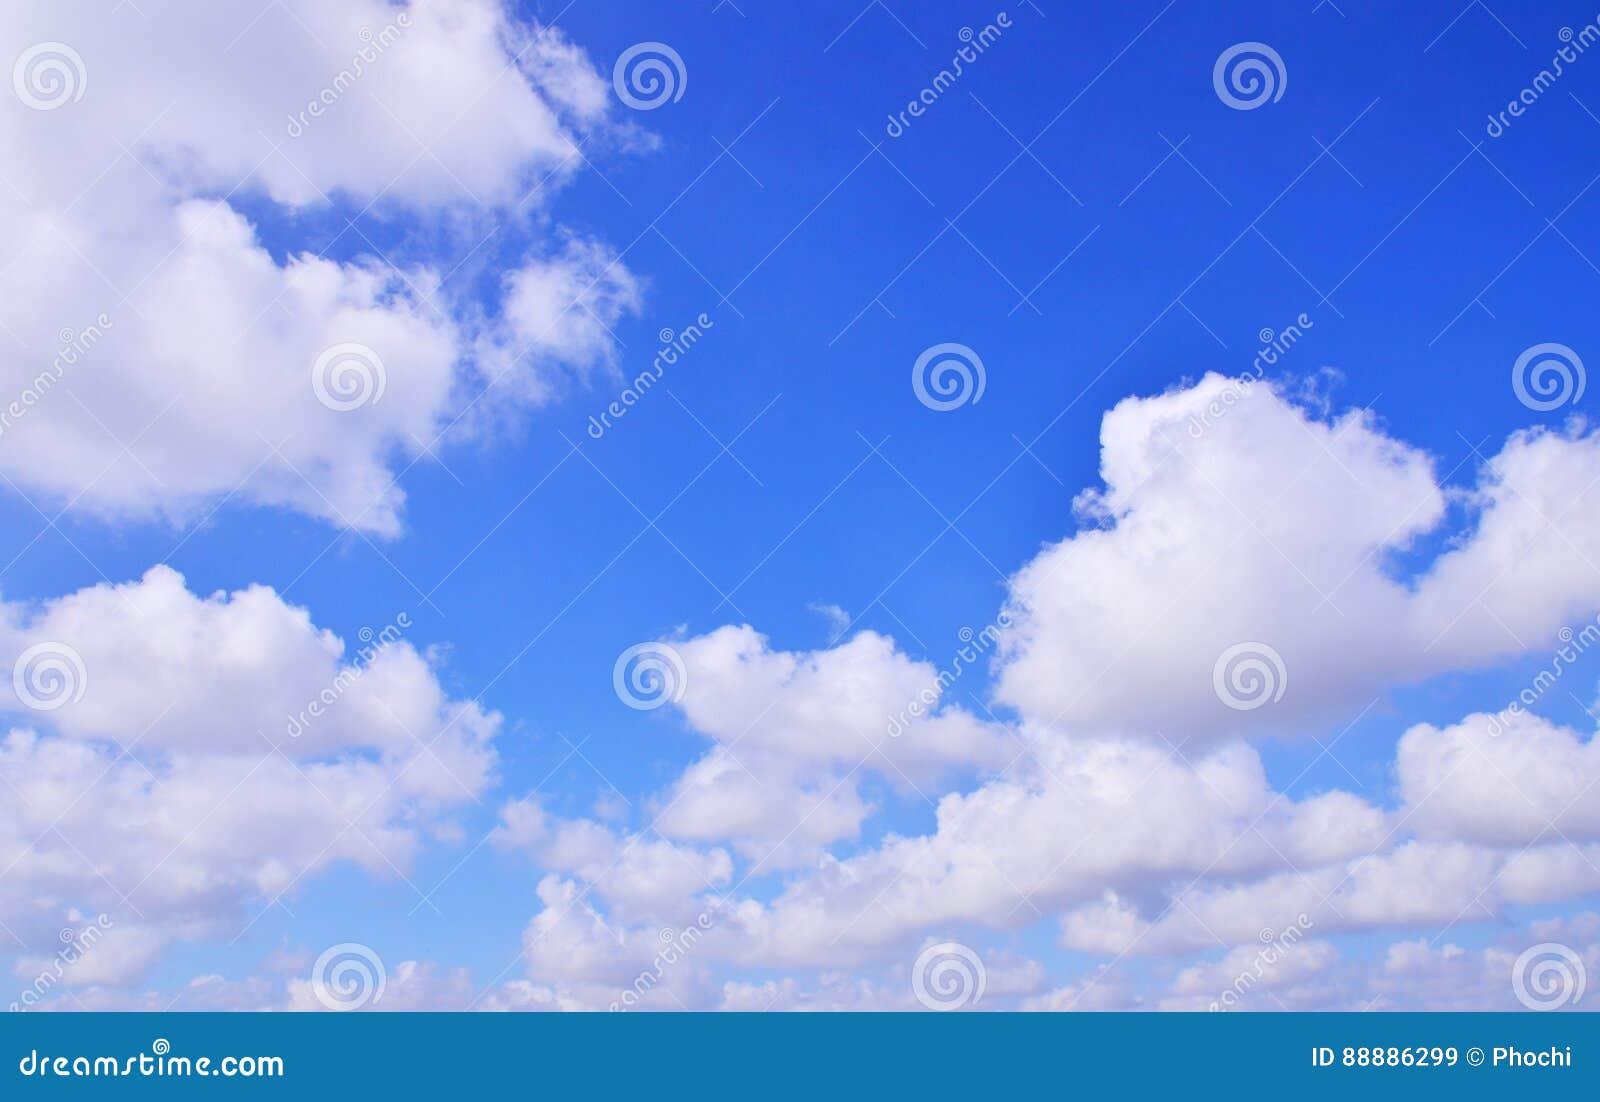 浩大的蓝天云彩